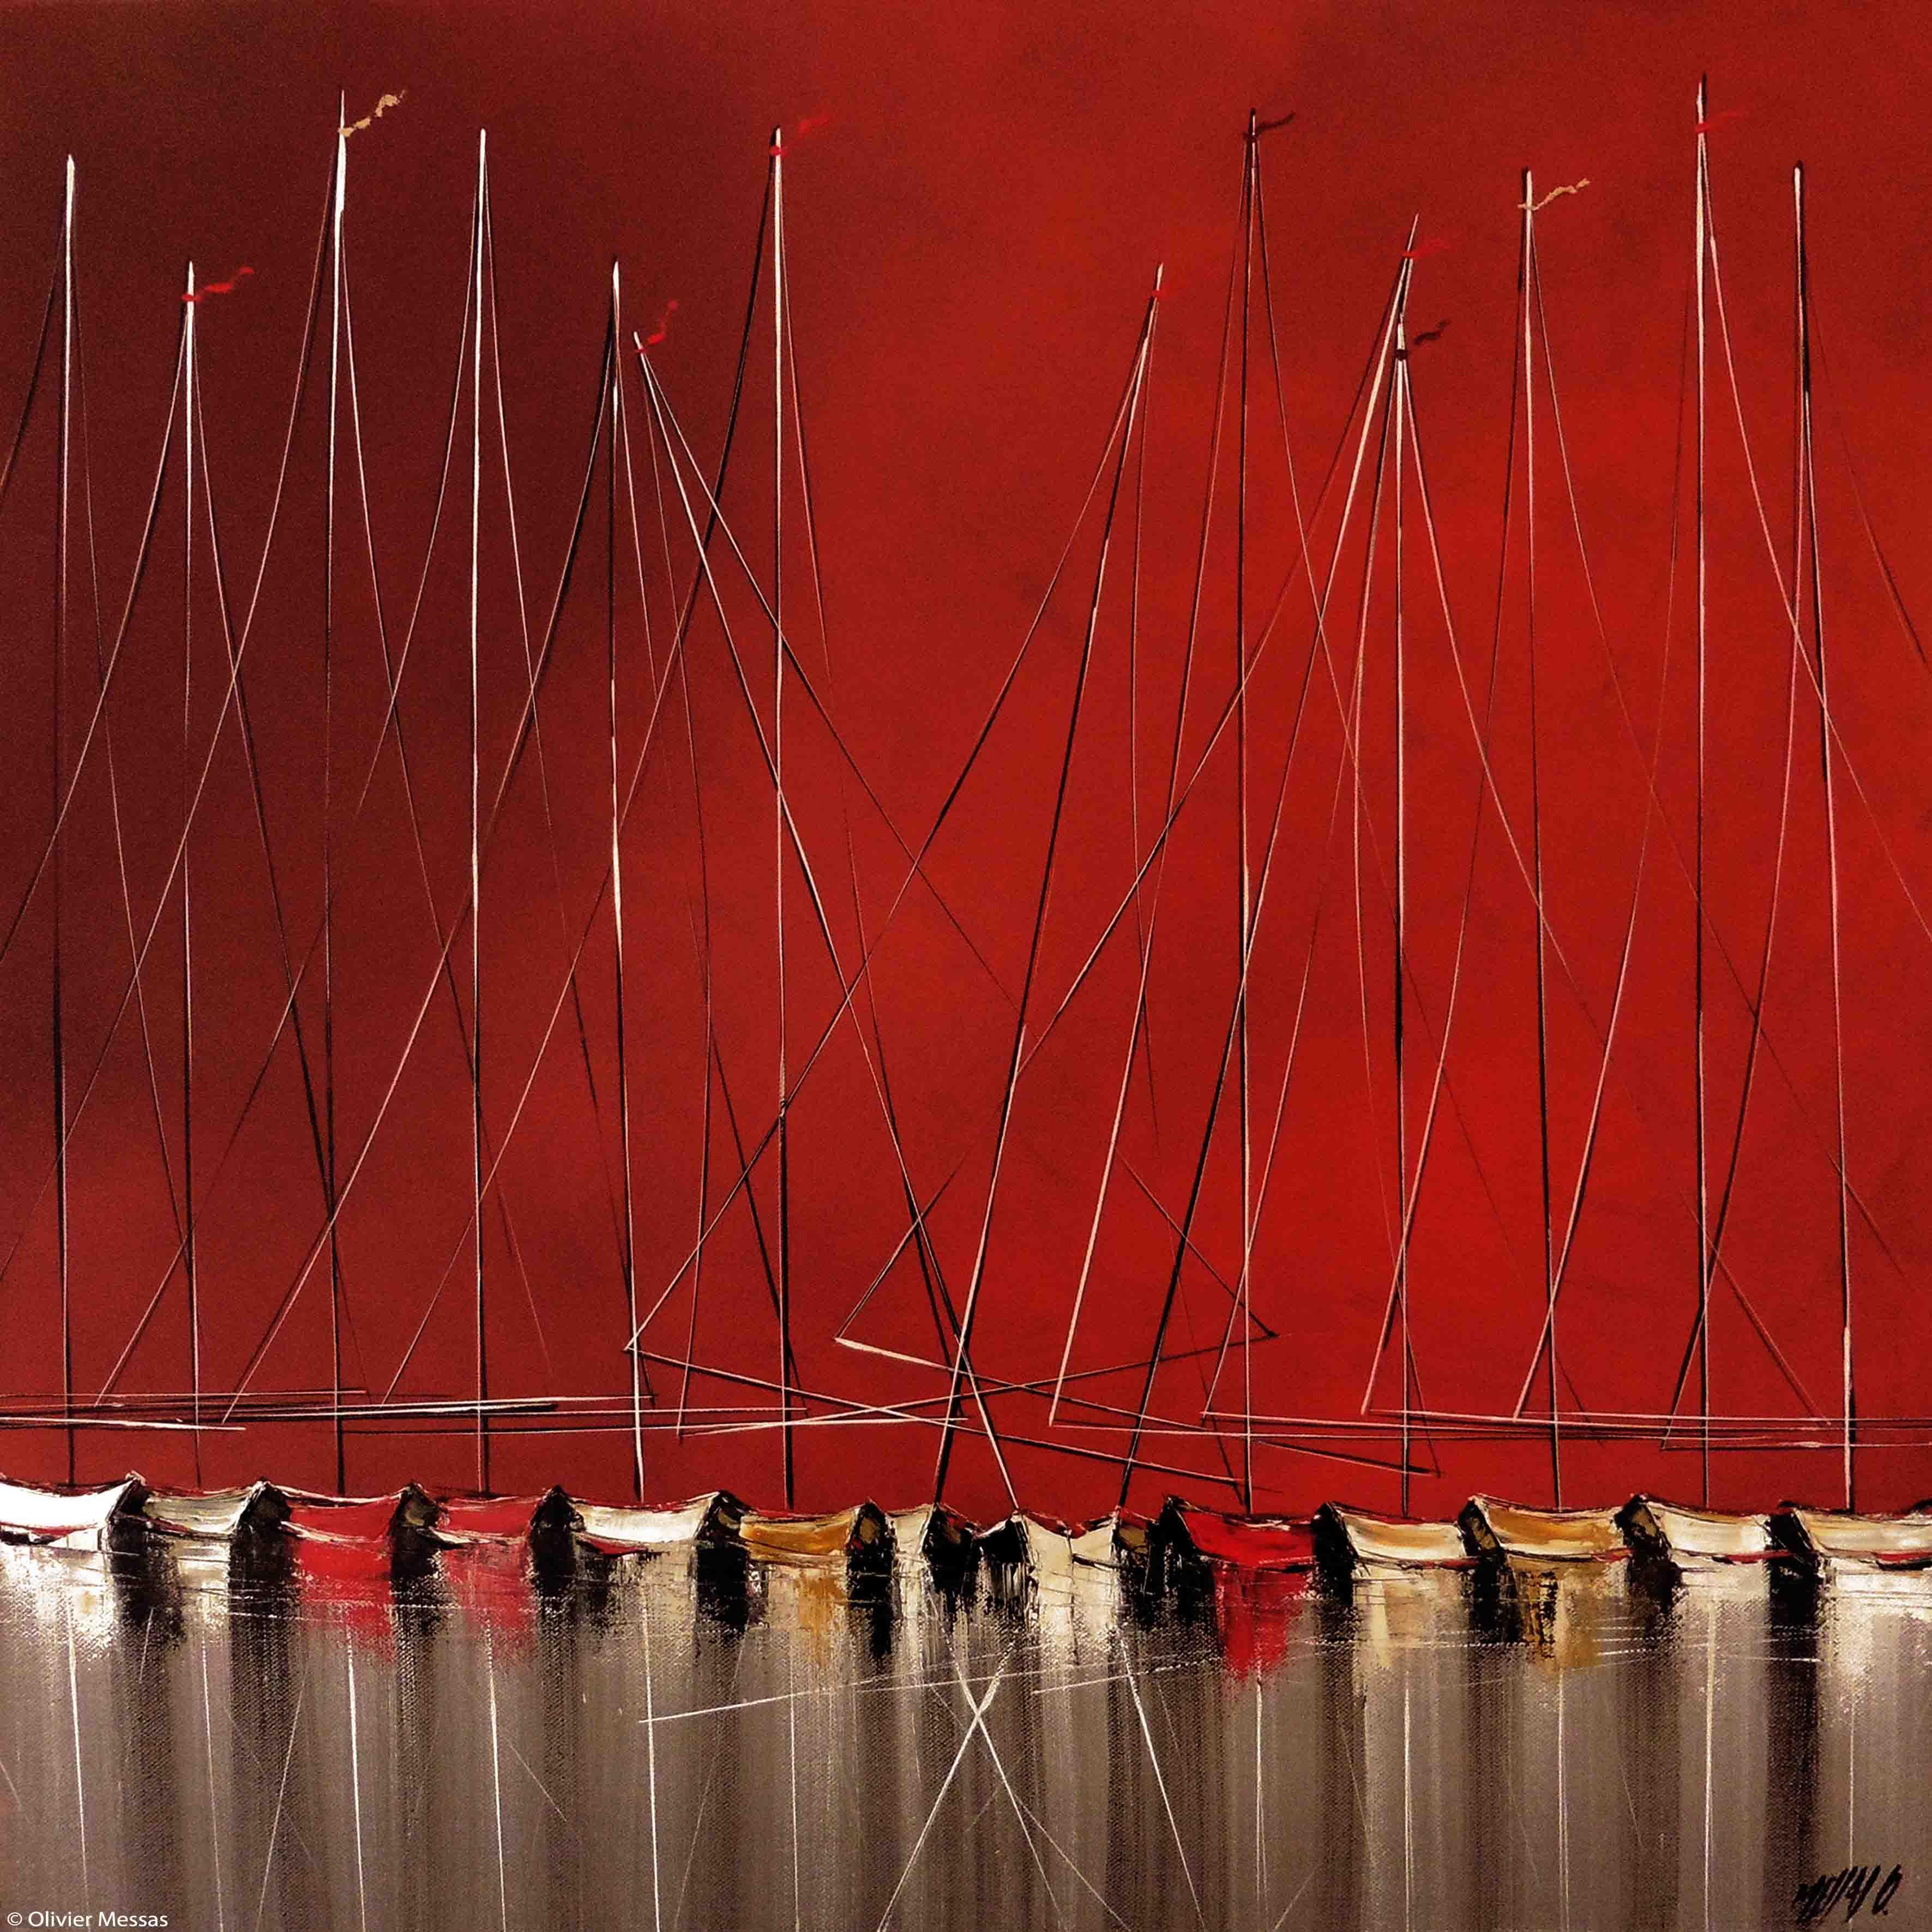 La nuit des voiliers IV, 60x60cm